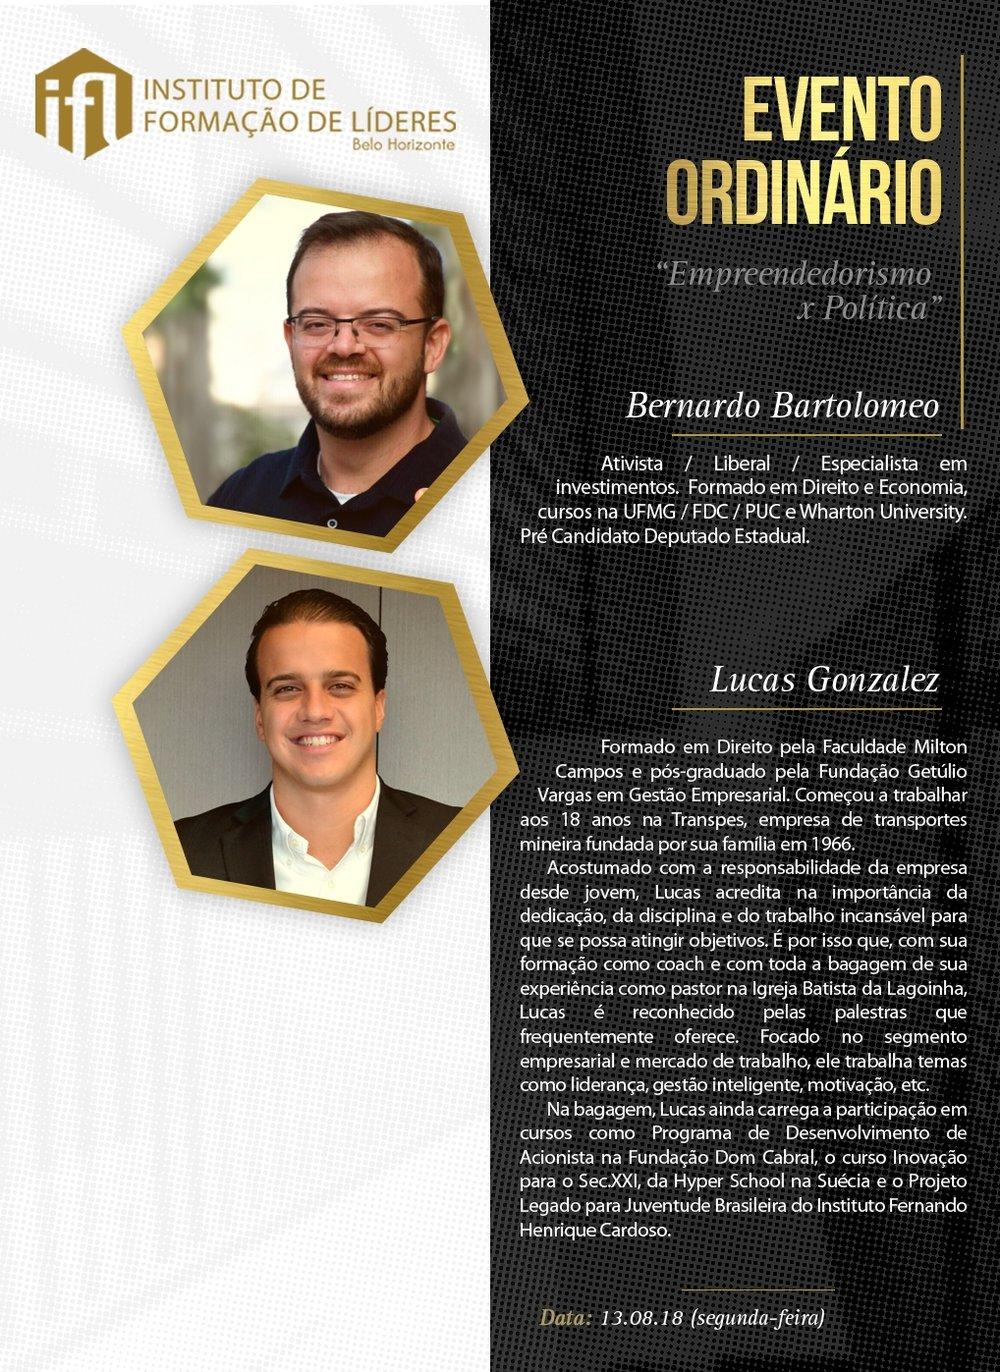 Lucas e Bernardo_13-08-18_Pag.jpg